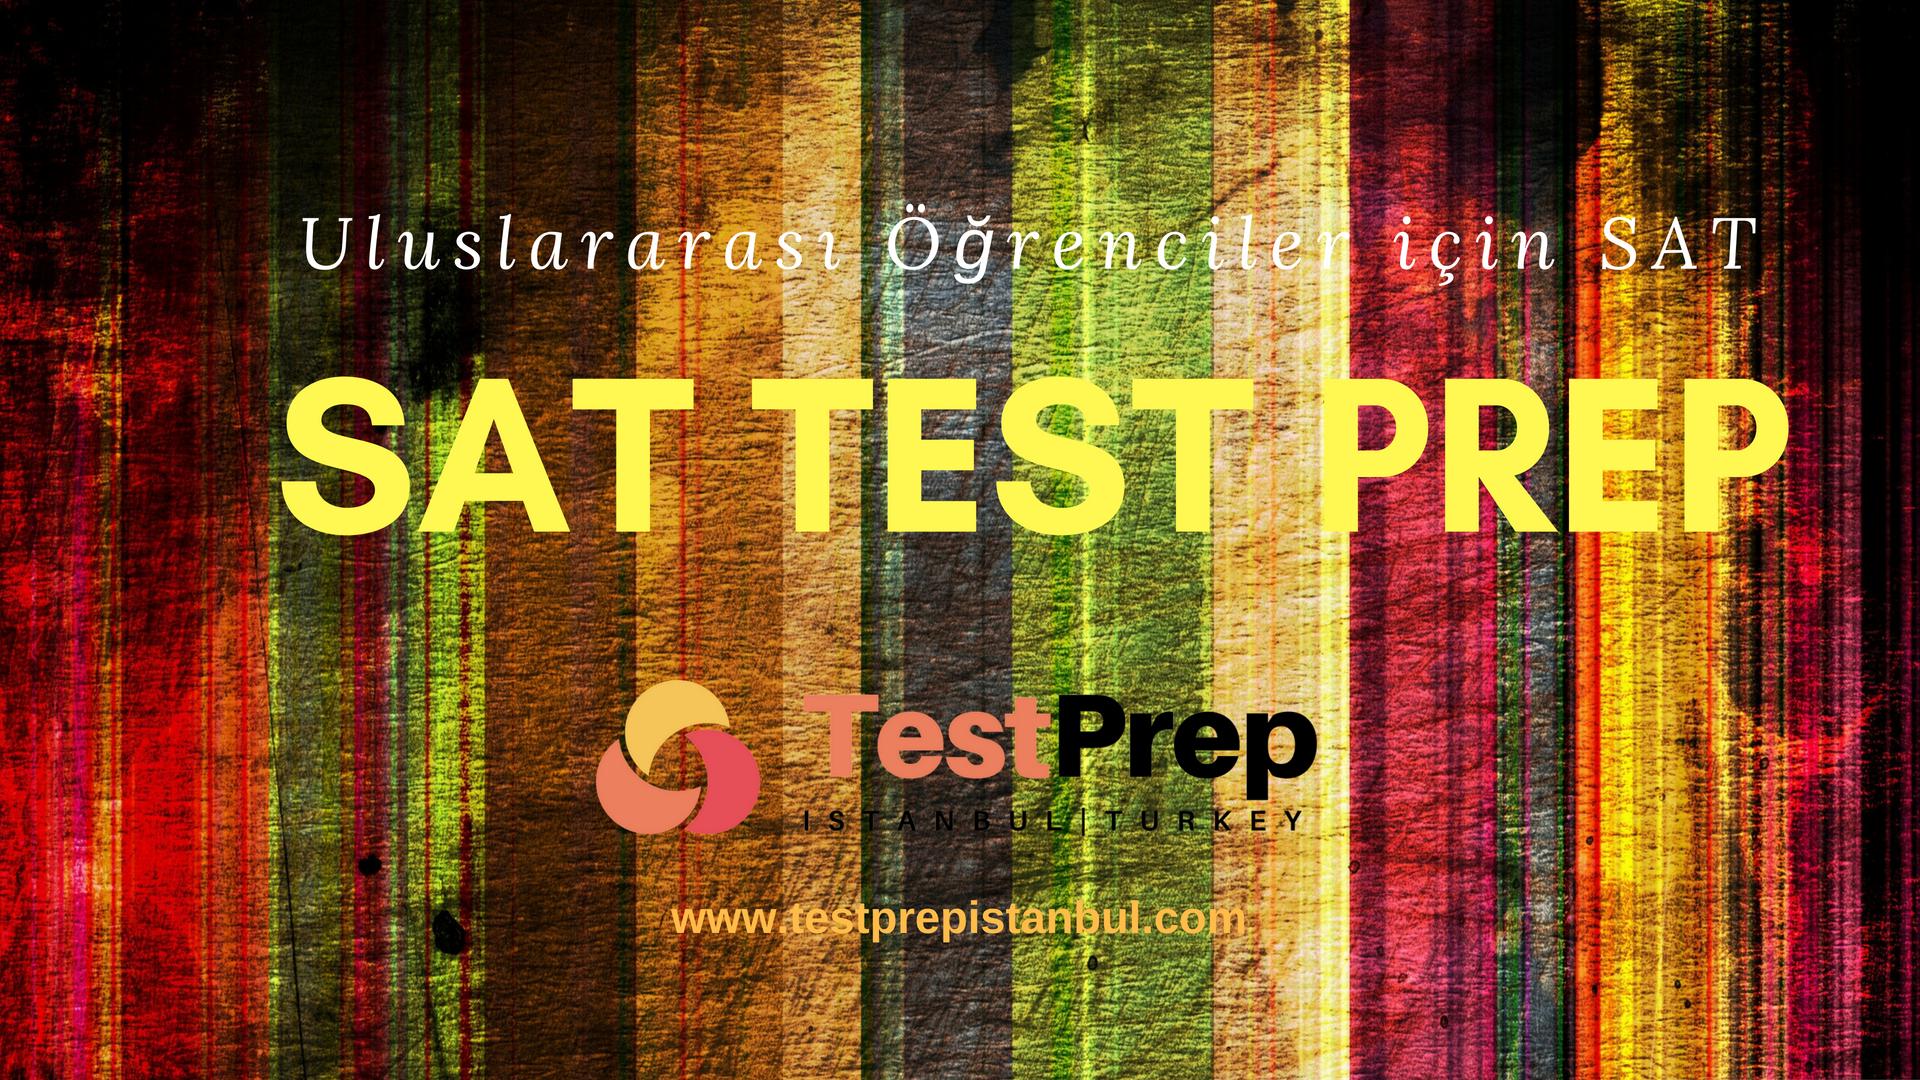 Uluslararası Öğrenciler için SAT sınavı hakkında Bilmeniz Gerekenler.